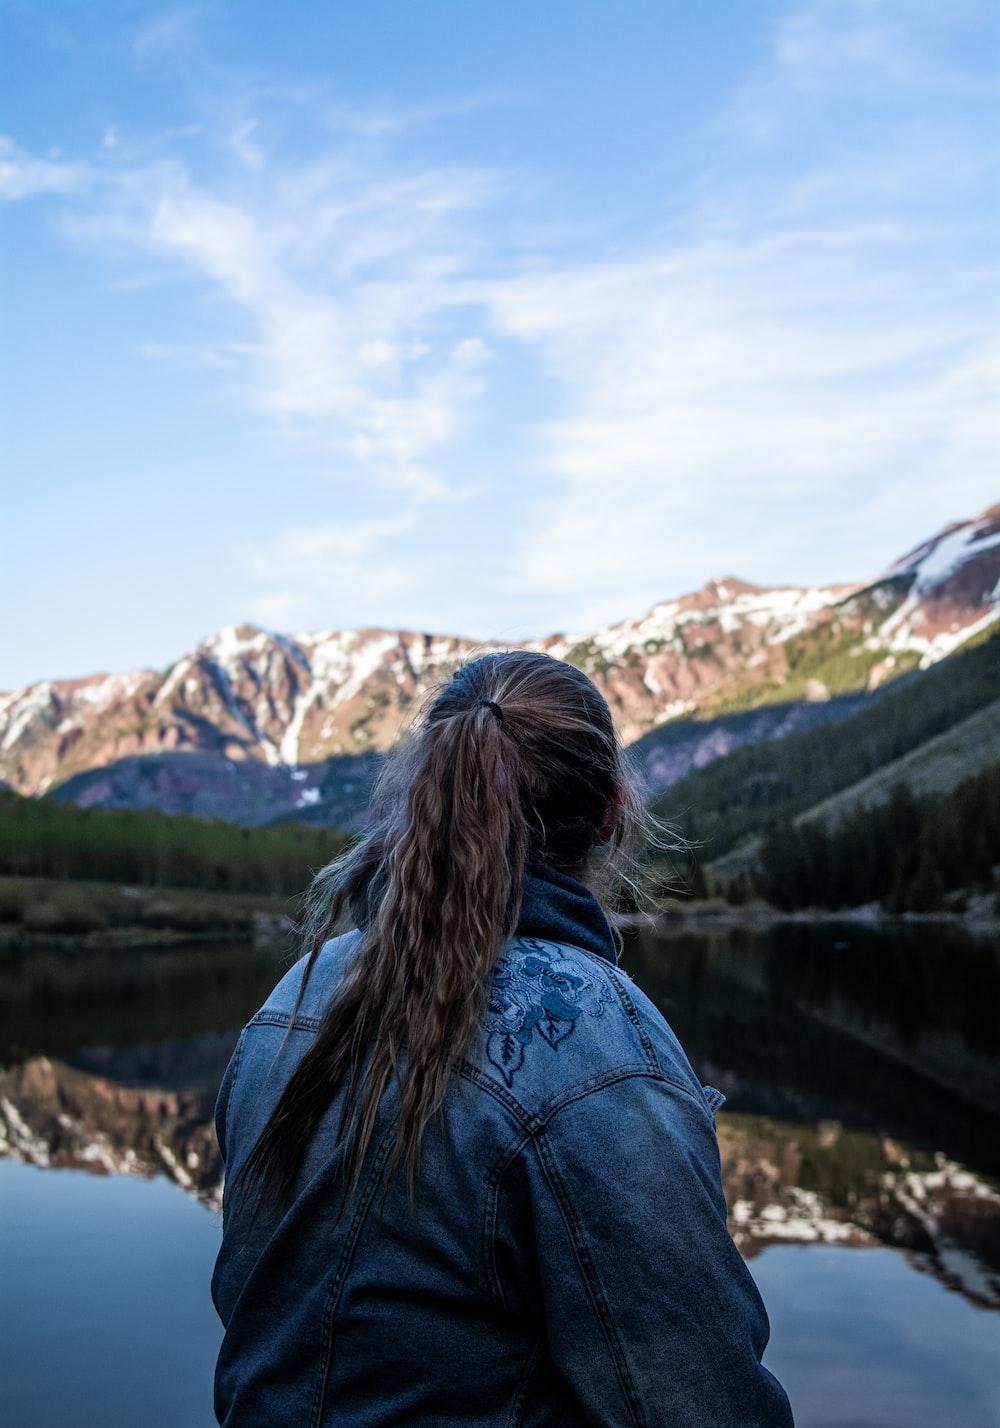 woman in blue denim jacket standing near lake during daytime